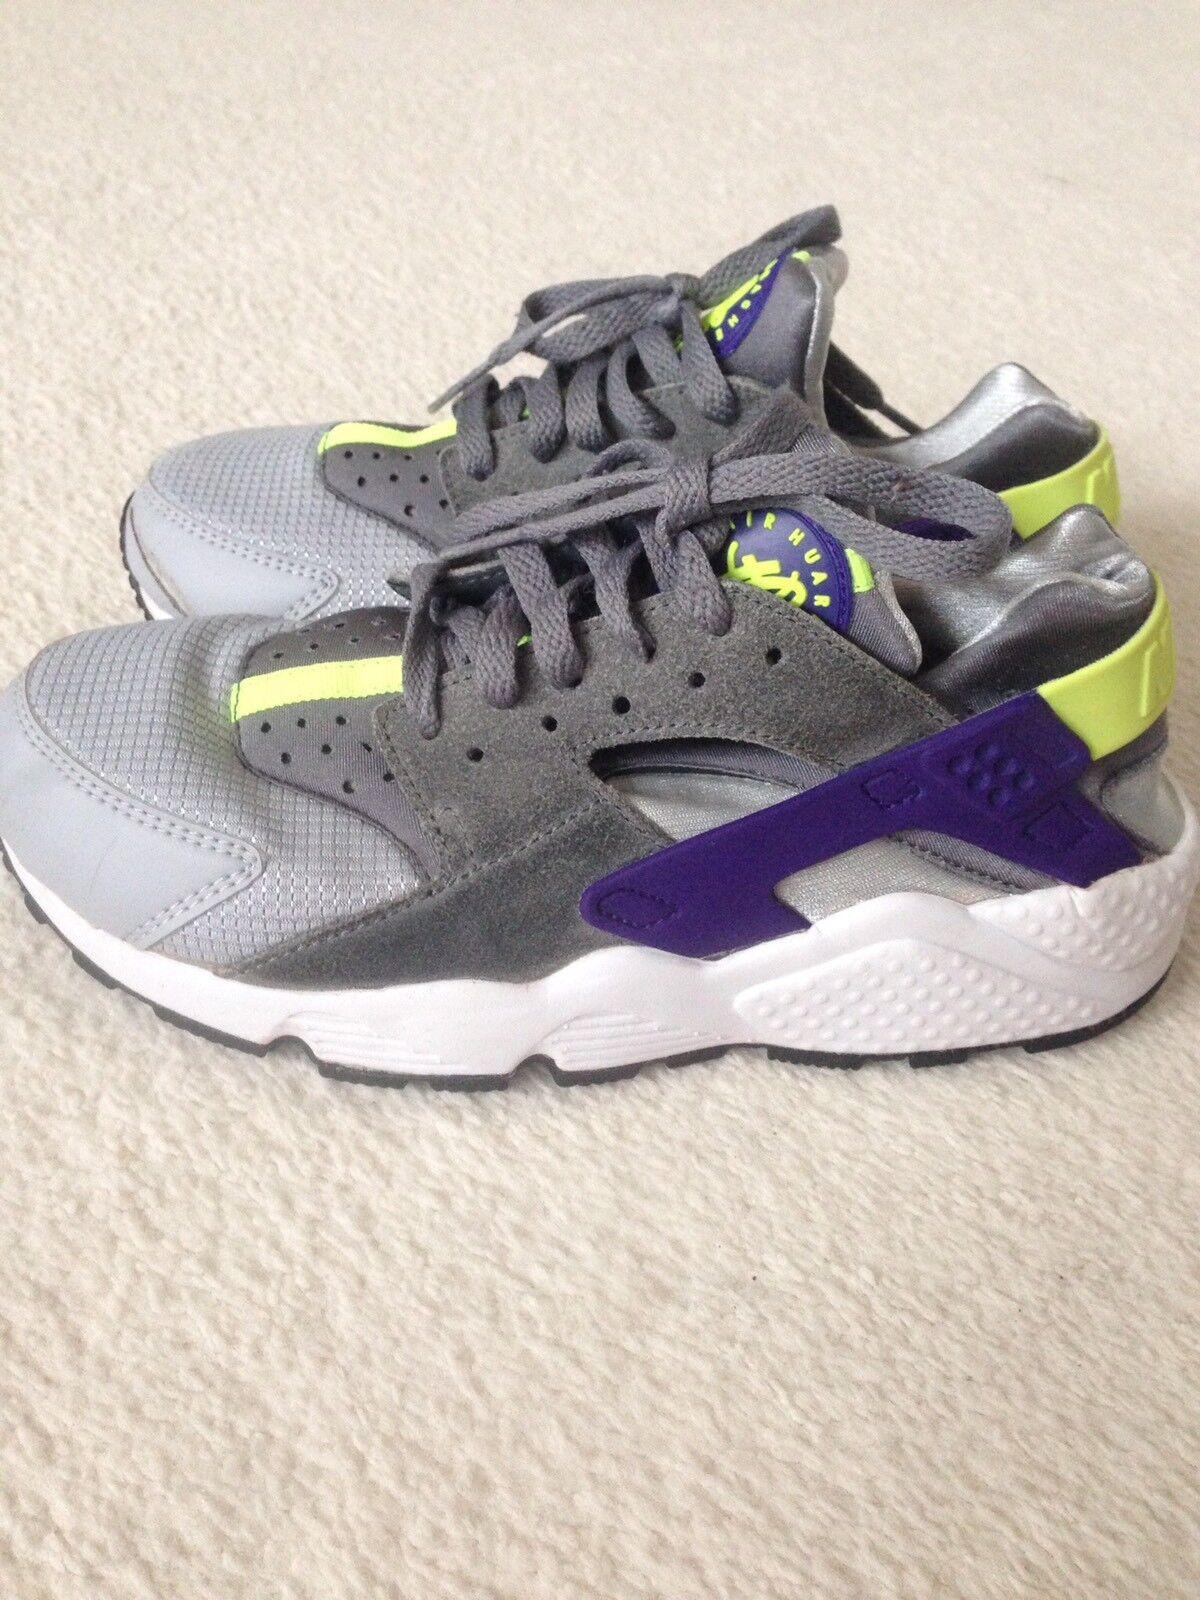 Nike hurraches Zapatos formación Zapatos hurraches f94ac5